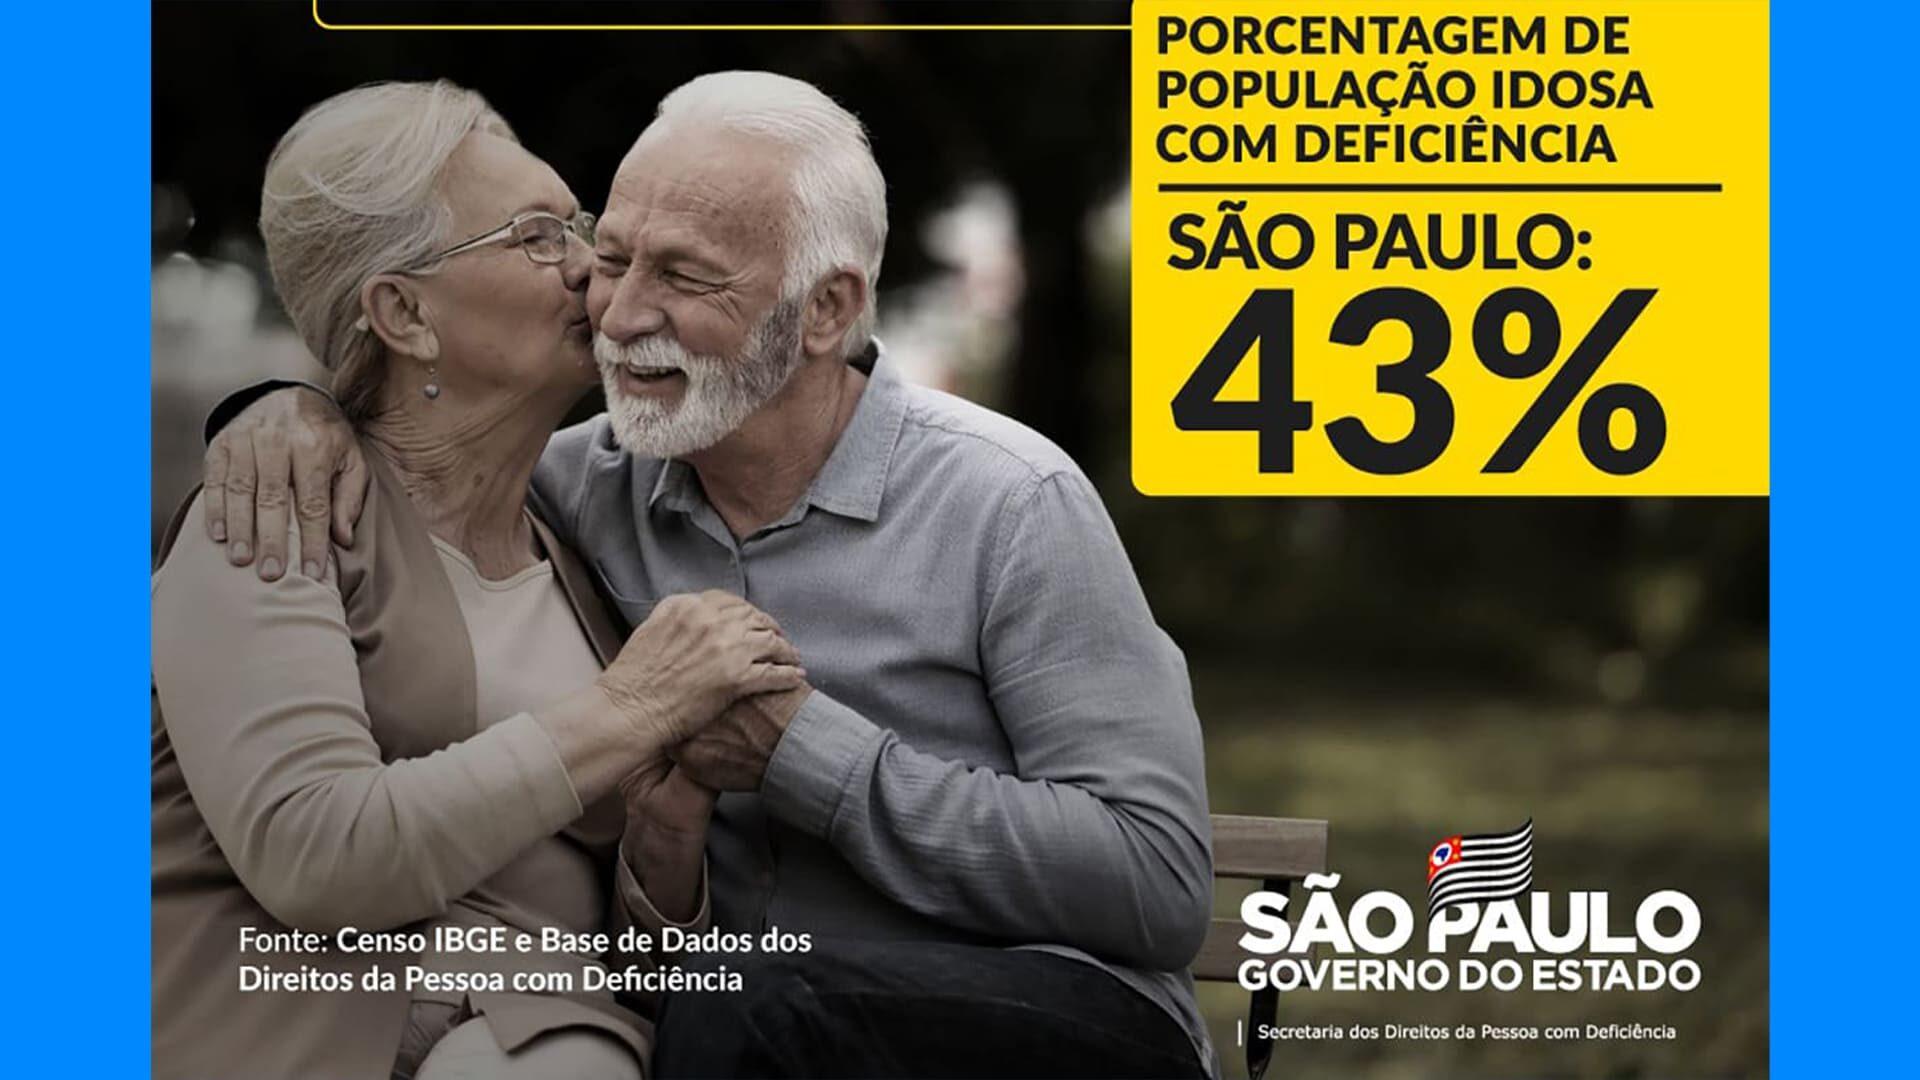 """Casal de idosos ilustrando o lançamento da cartilha """"Envelhecer é para todos"""", com informações em texto descrito na legenda."""